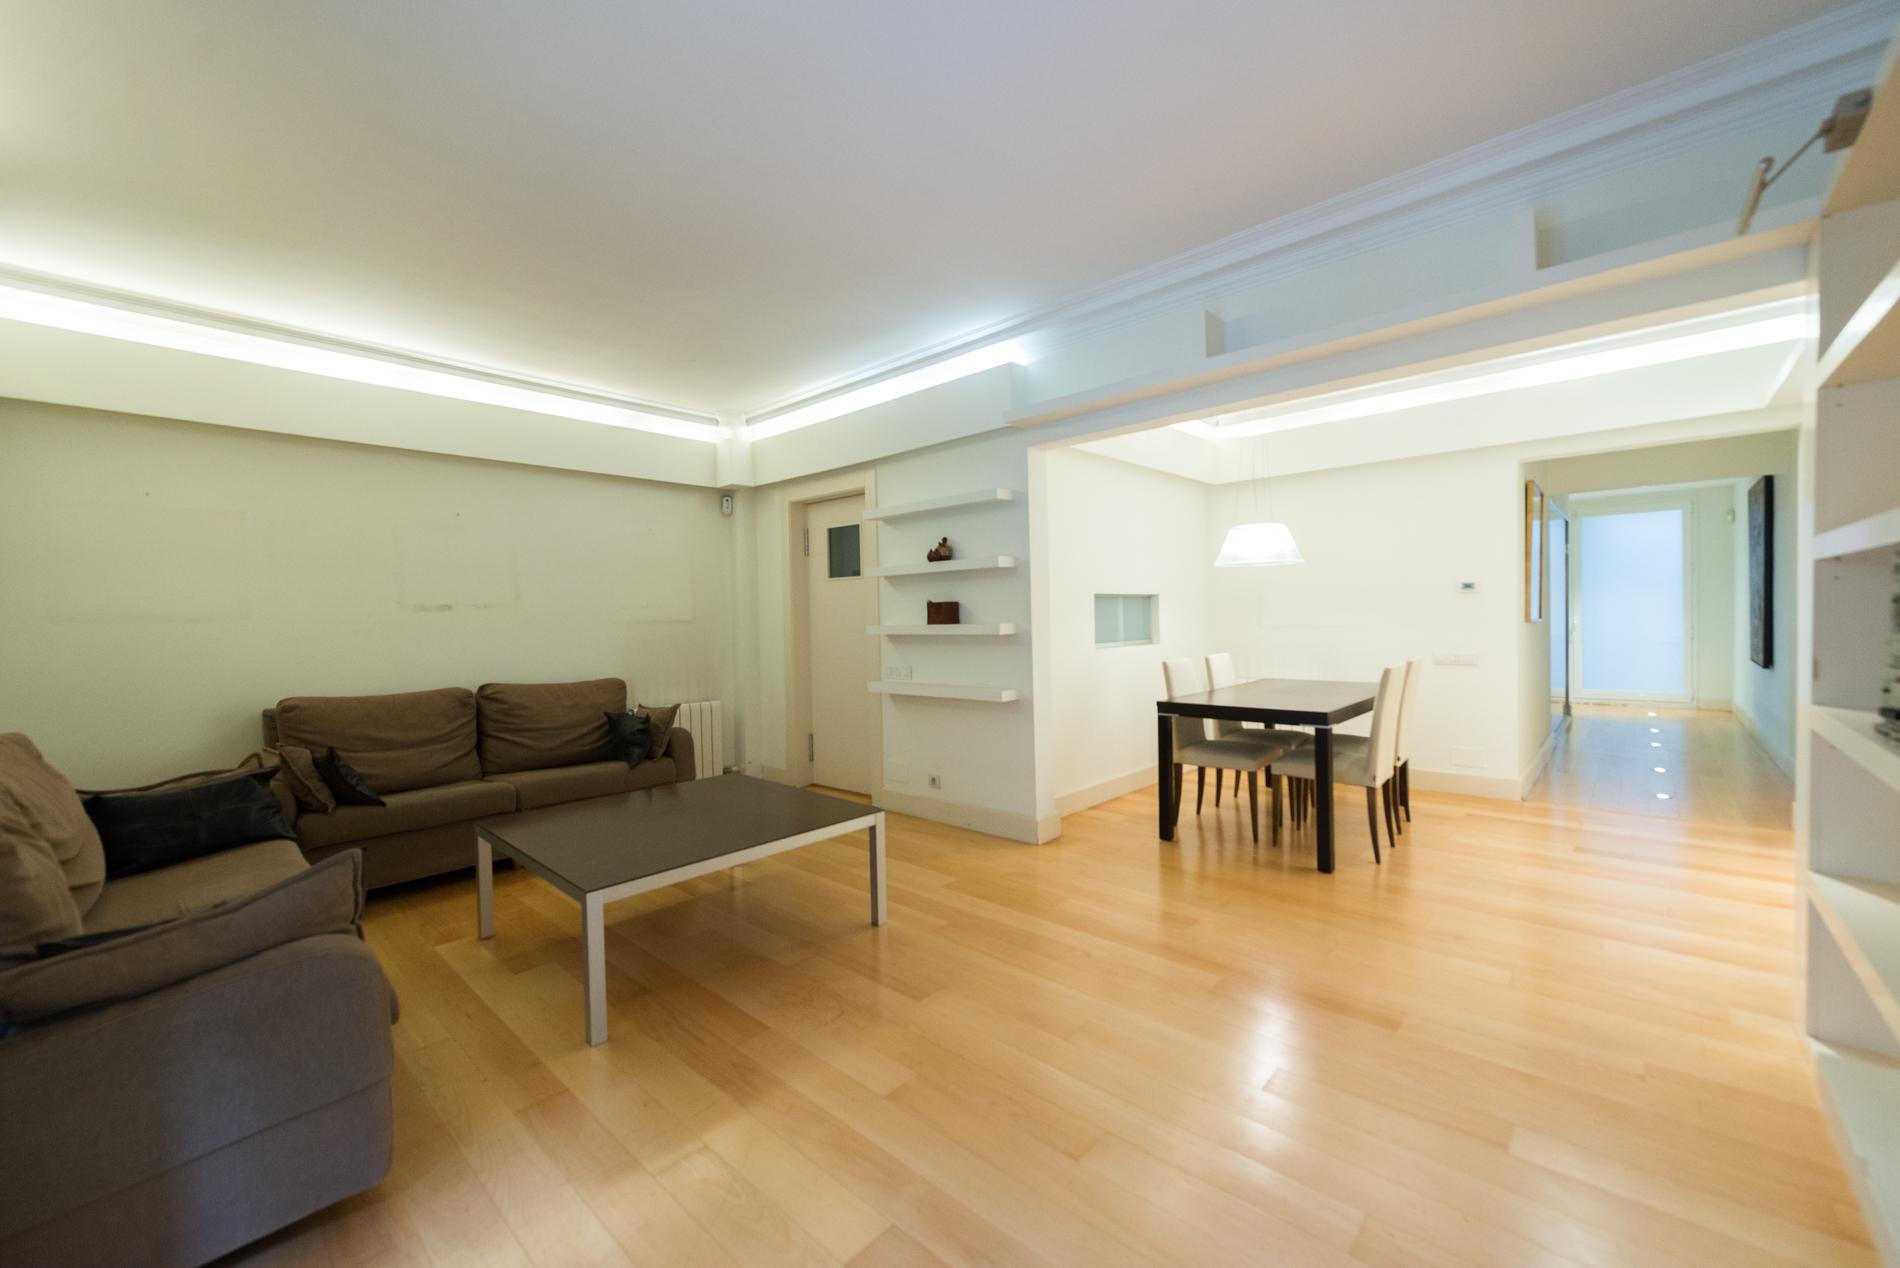 247761 Ground Floor for sale in Sarrià-Sant Gervasi, St. Gervasi-Bonanova 2